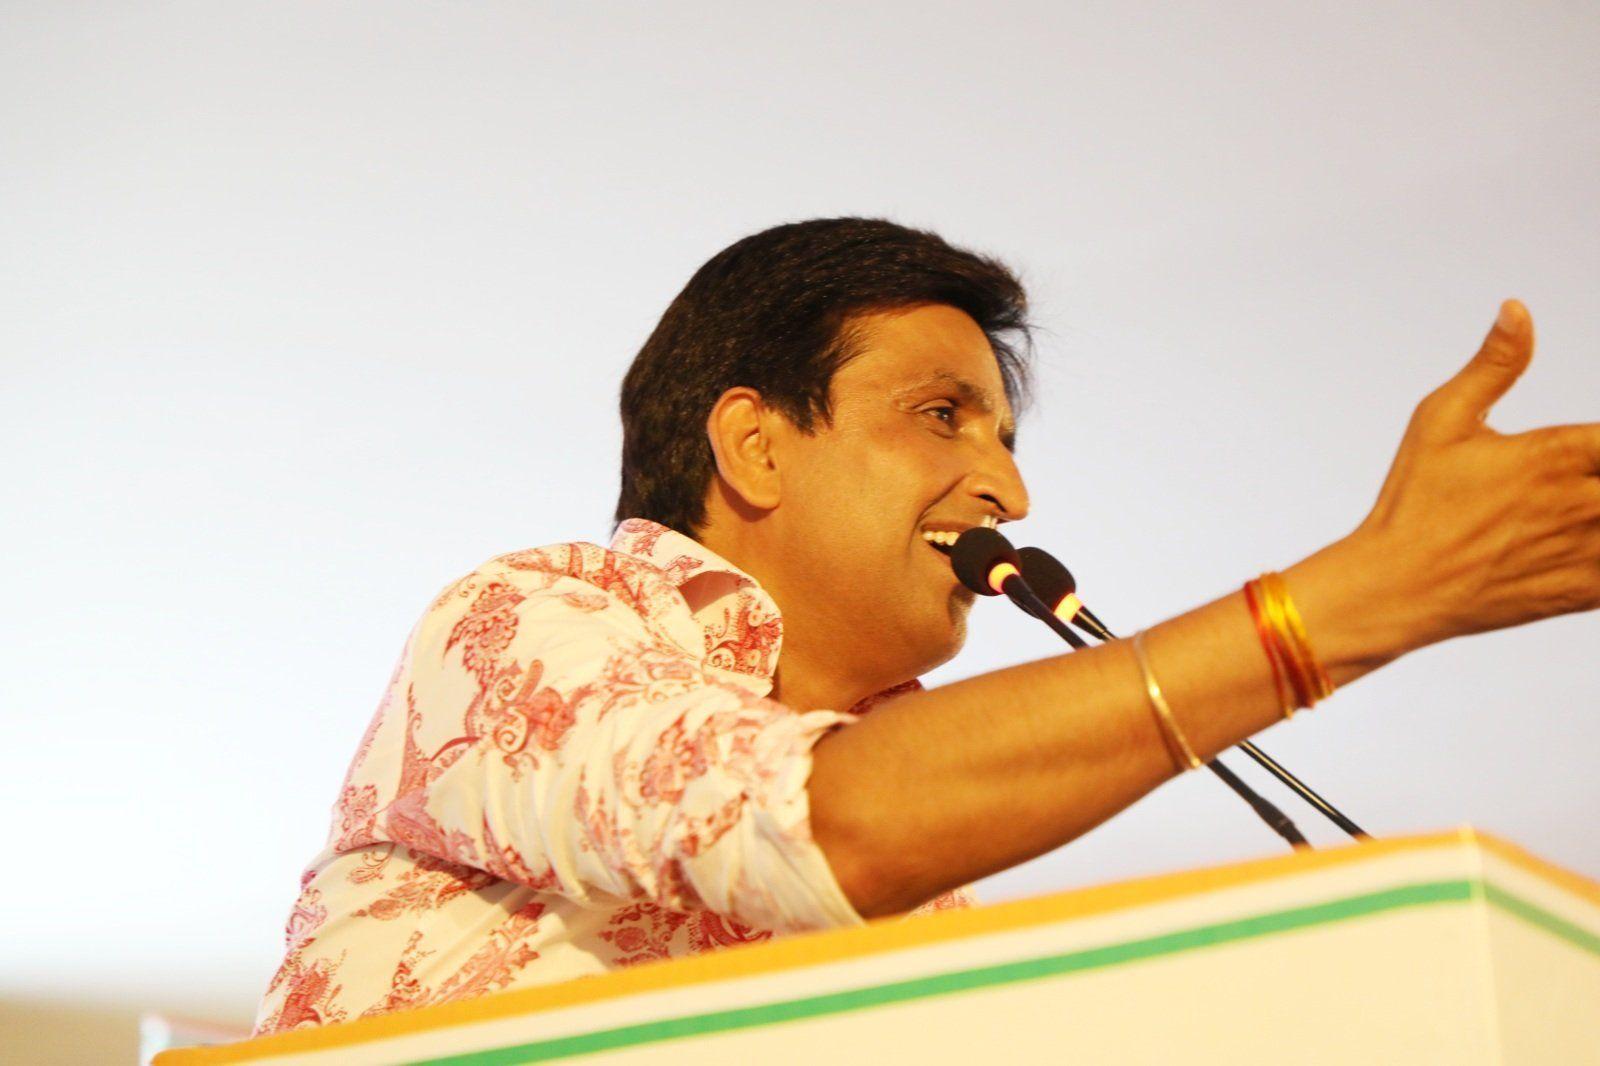 आयकर विभाग ने साहित्य के क्षेत्र में सर्वाधिक टेक्स पेय करने वाले कवि डॉ कुमार विश्वास को किया सम्मानित